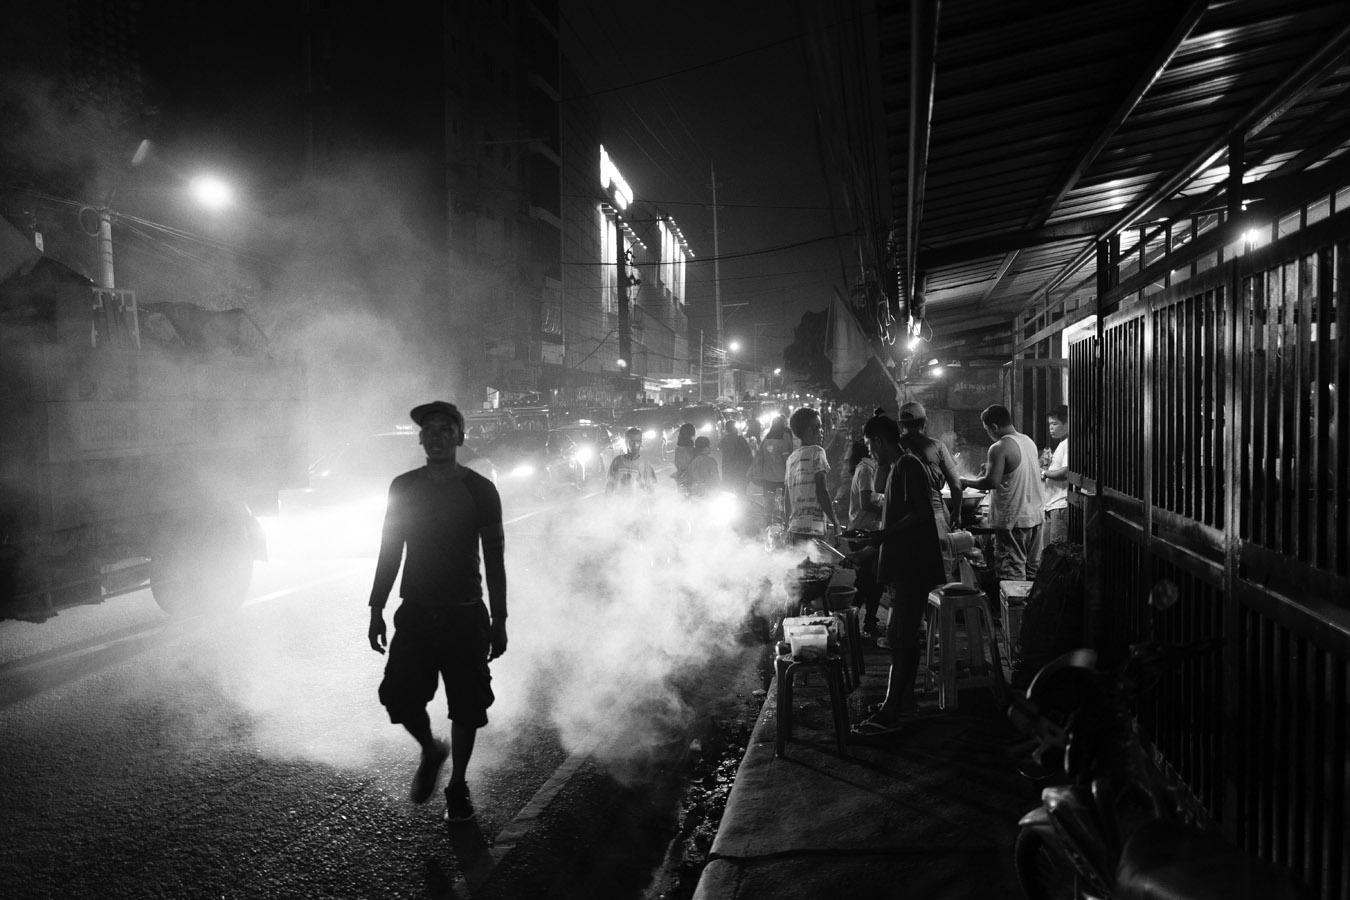 Cebu_by_night_Delettre_Cyril04.jpg